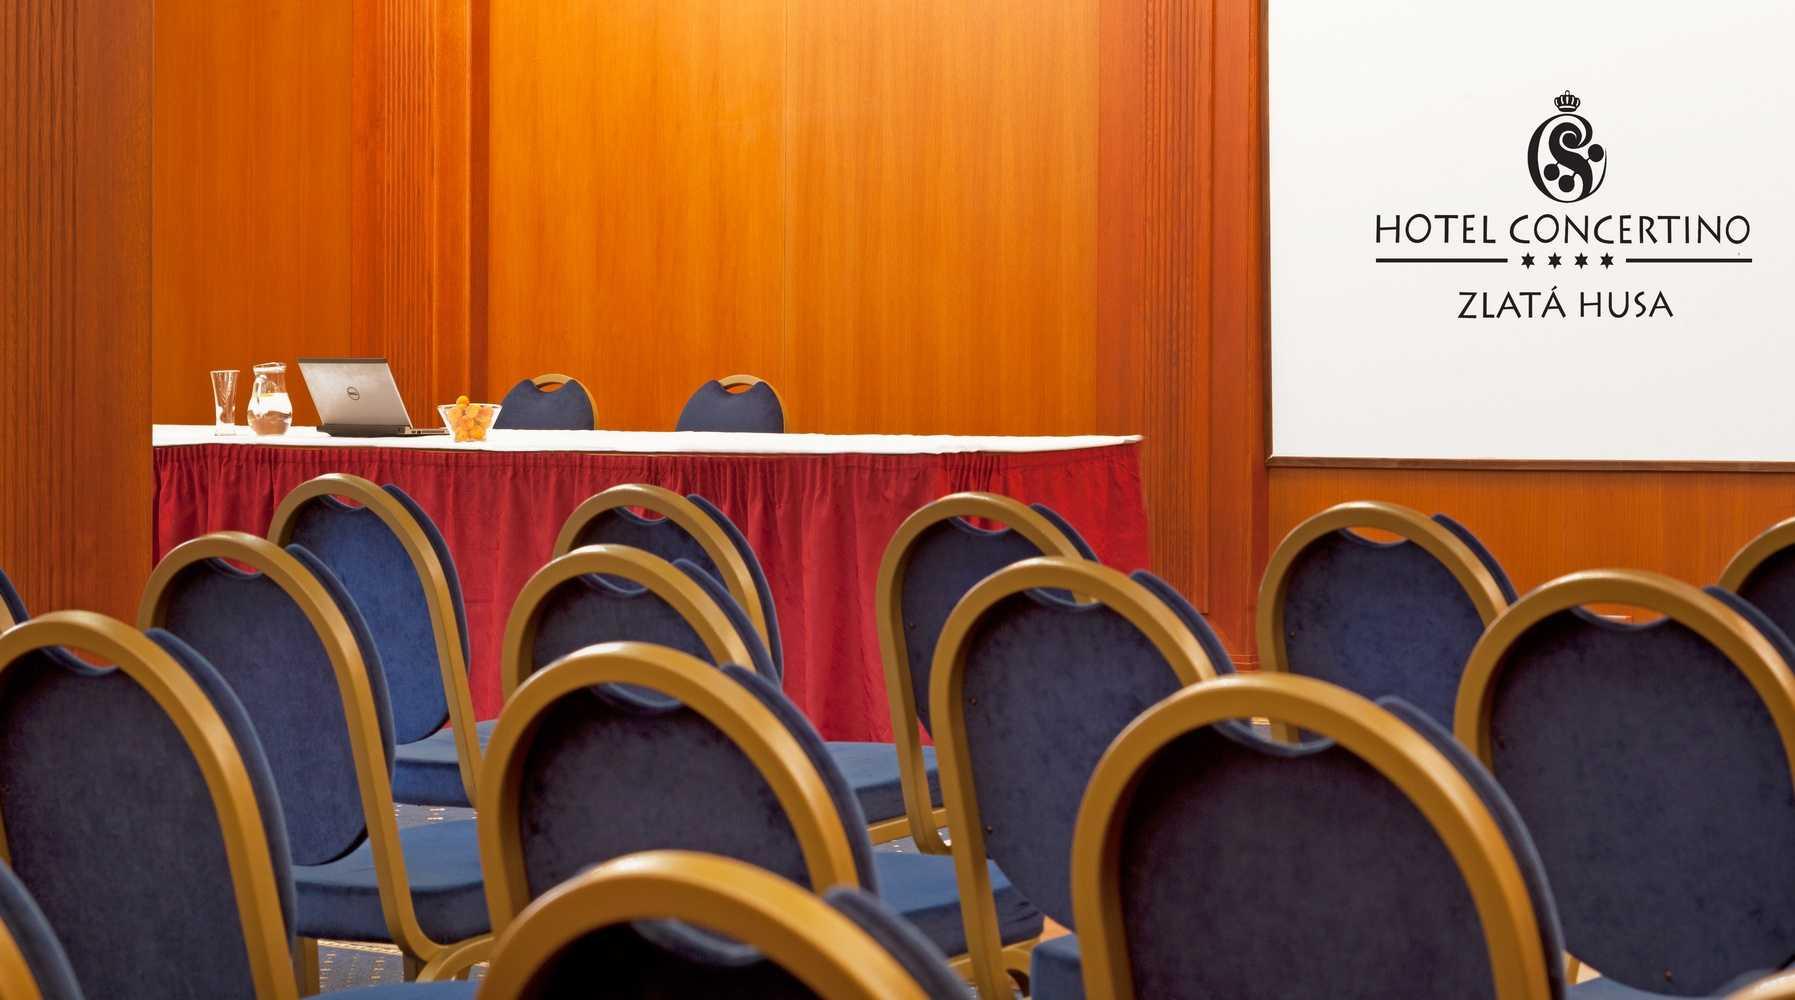 hotel-concertino-zlata-husa_kongresovy-sal-1